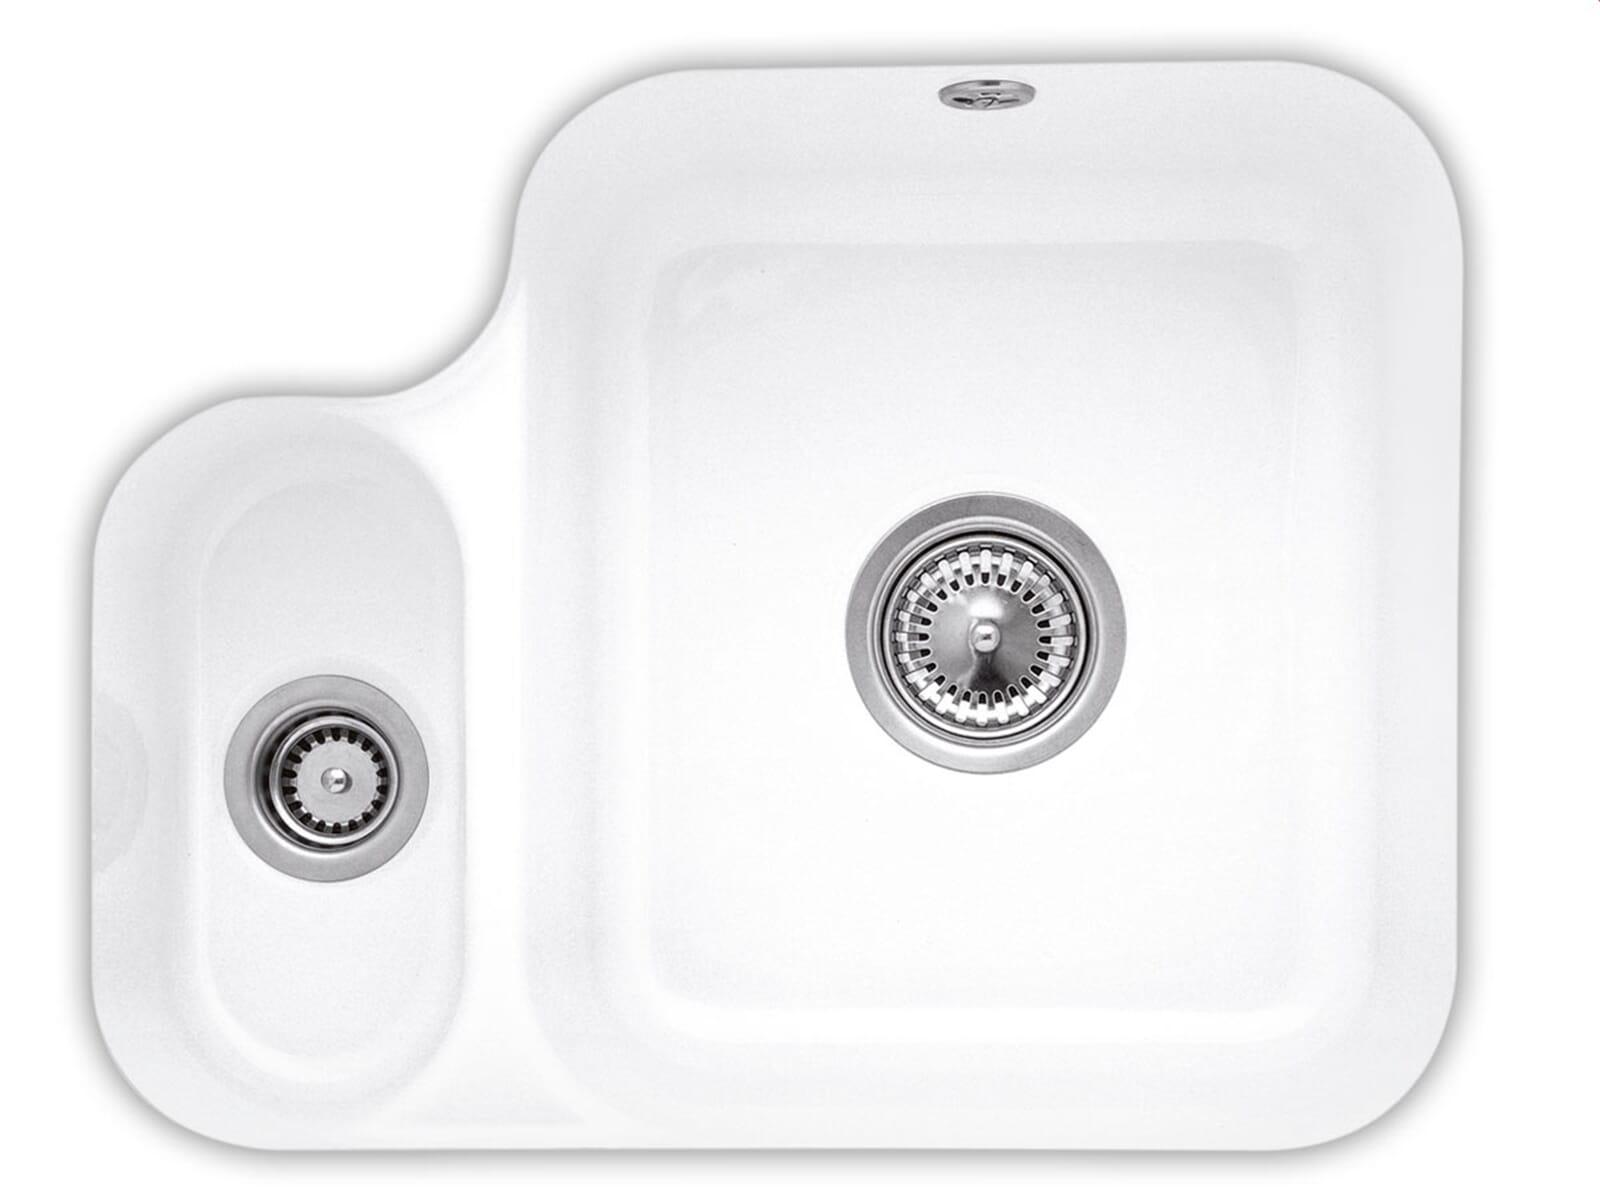 Villeroy & Boch Cisterna 60B Weiß (alpin) - 6702 01 R1 Keramikspüle Handbetätigung